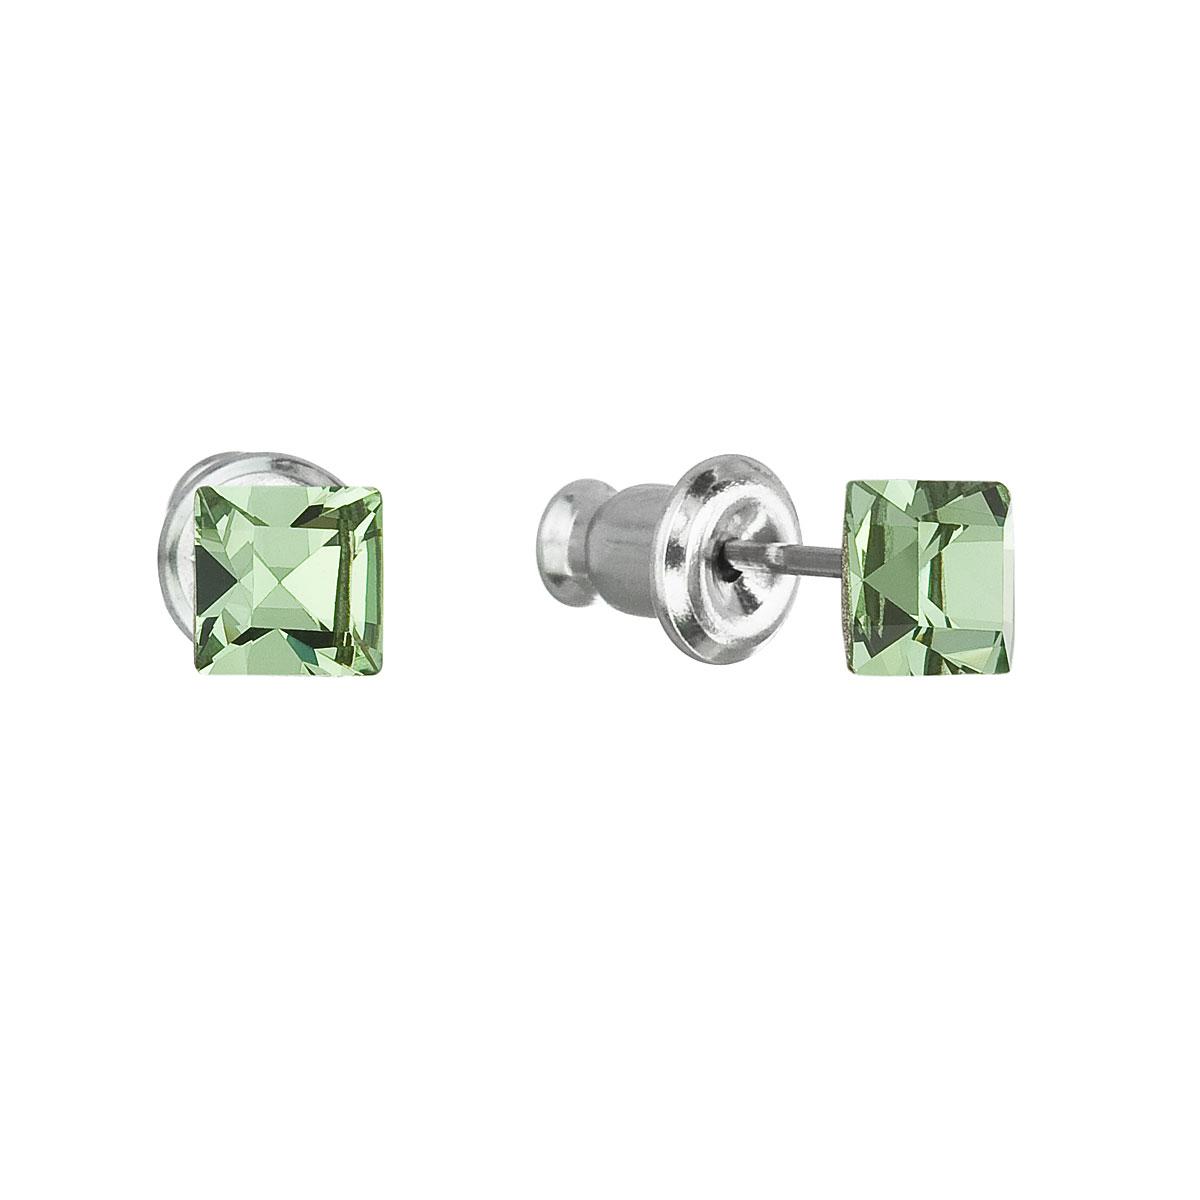 Evolution Group Náušnice se Swarovski krystaly zelená čtverec 51052.3